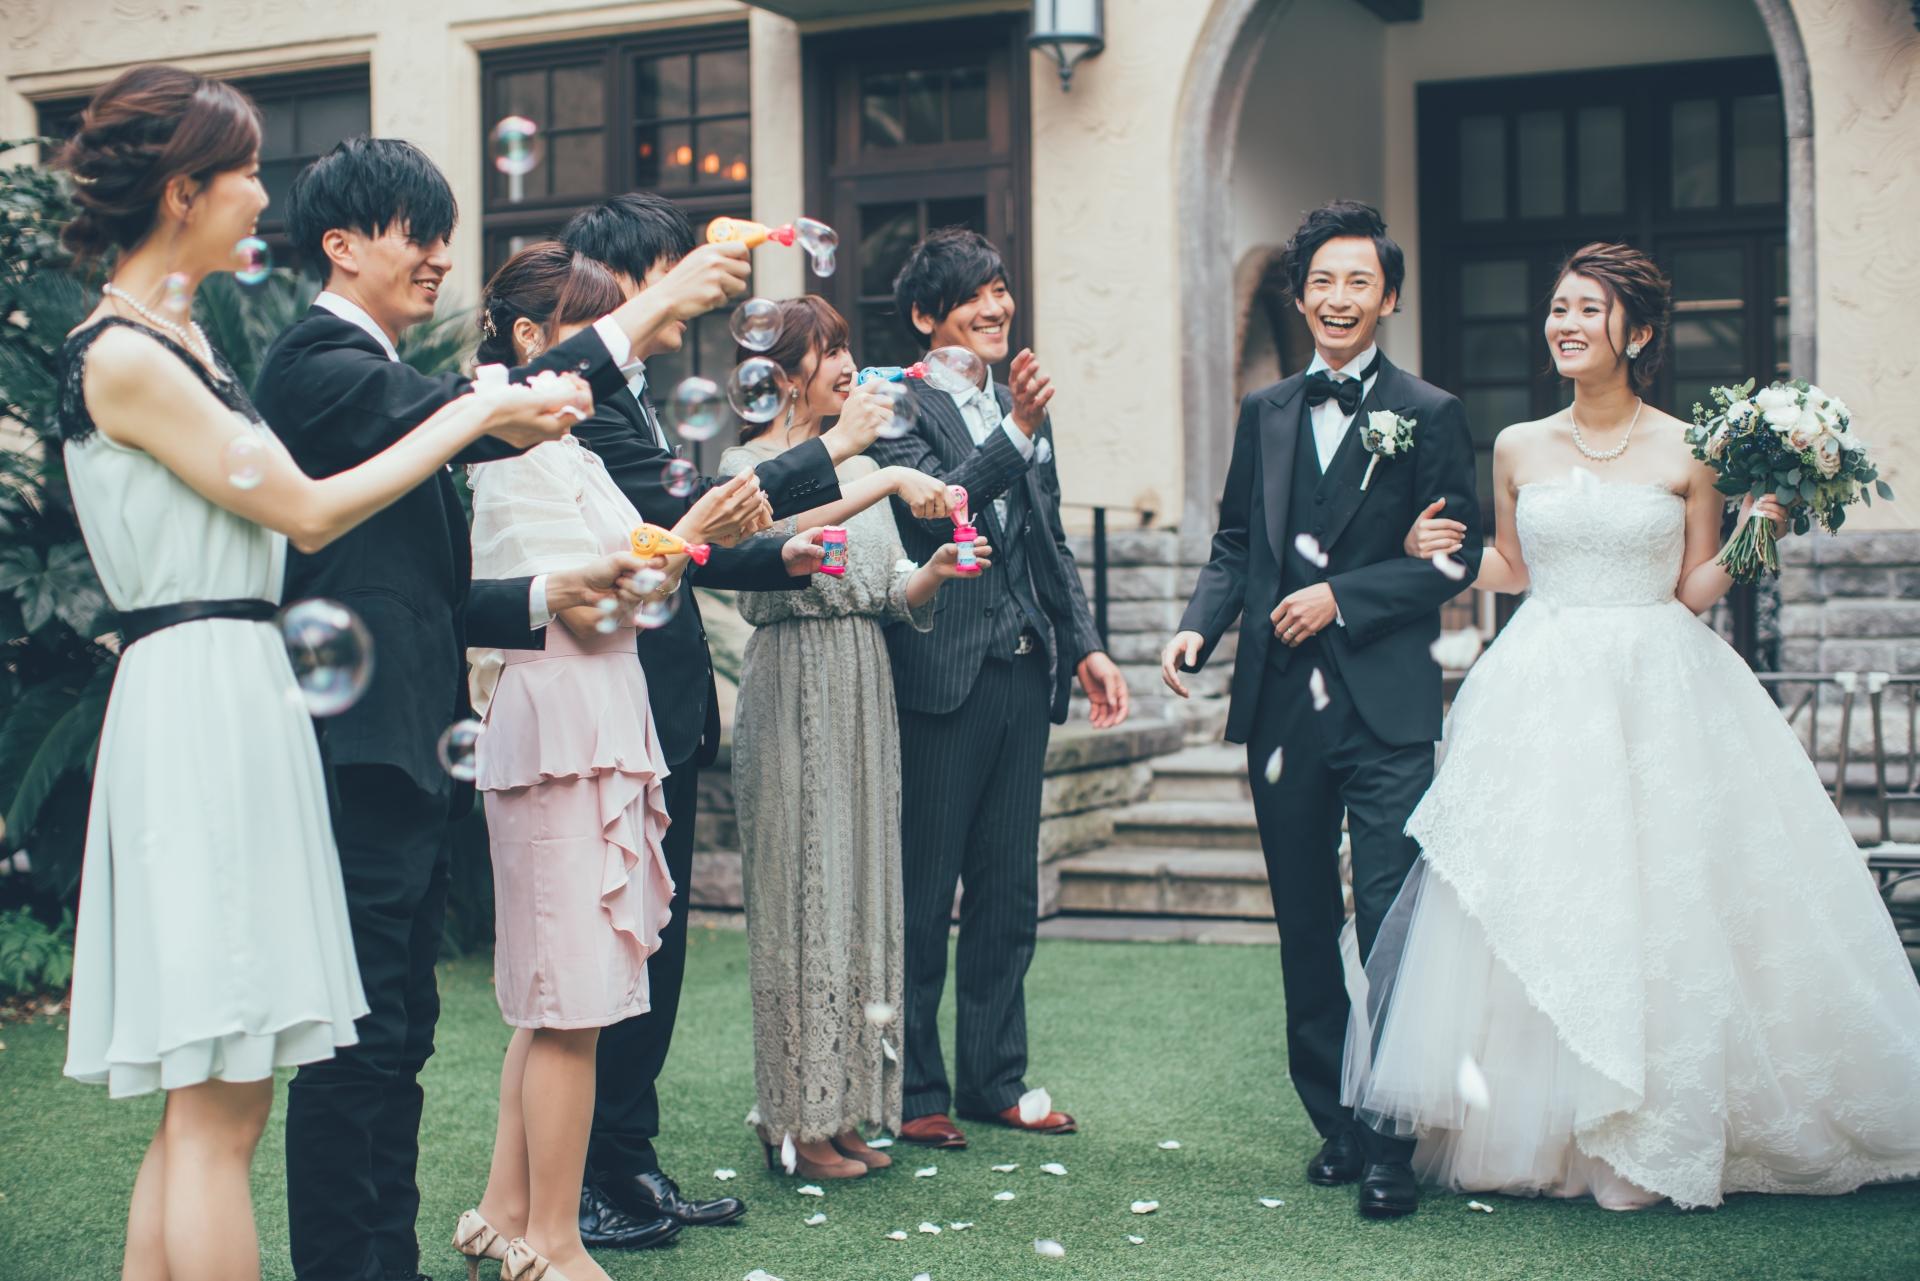 横断幕で結婚式を盛り上げよう!活用例と結婚式向けフレーズの紹介